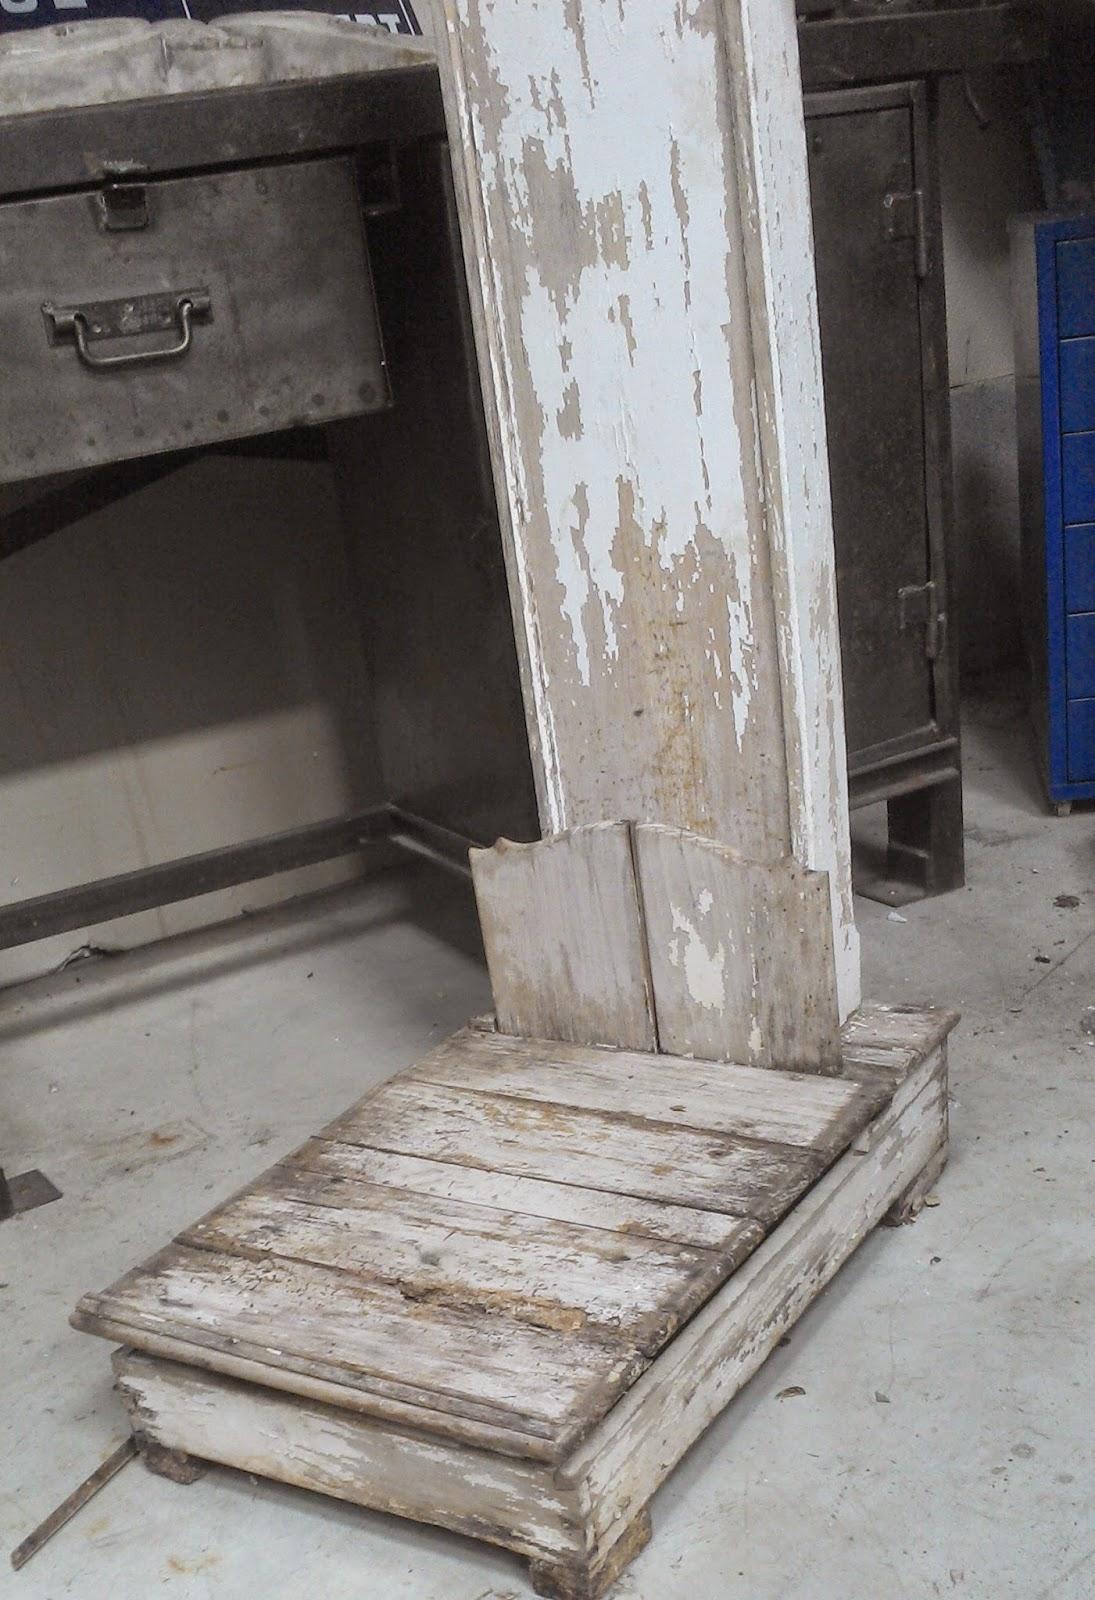 ancienne balance pharmacie xixeme bois rare apothicaire objet de m tier atelier ebay. Black Bedroom Furniture Sets. Home Design Ideas